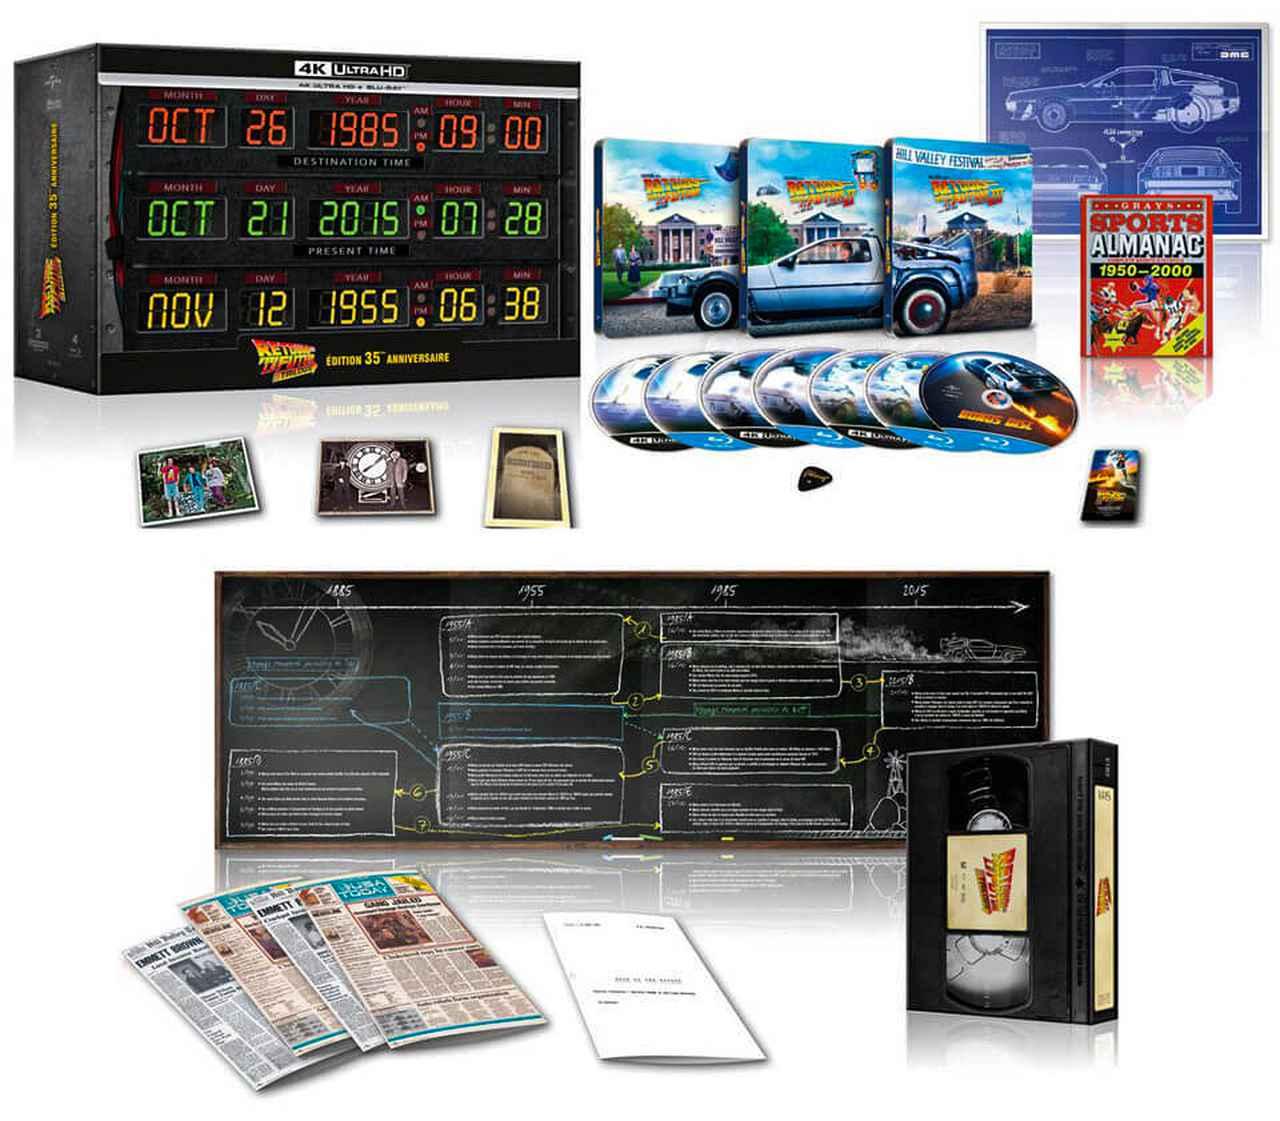 """画像: - Back to the future in 2D + 4K blu-ray (Dolby Vision, HDR10+ and HDR10) - Back to the future 2 in 2D + 4K blu-ray (Dolby Vision, HDR10+ and HDR10) - Back to the future 3 in 2D + 4K blu-ray (Dolby Vision, HDR10+ and HDR10) - an exclusive steelbook for each film - a bonus - a box in the form of a VHS cassette - French script of the 1st film (60 pages) - A chronological poster of the 3 films - a Gibson mediator - DOC & CLINT family lenticular map and DOC & CLINT grave lenticular map - Postcard inauguration of the clock - Newspaper Excerpts - the Dolorean Blueprint poster - a """"Back to the Future"""" magnet. - The Almanac of Sports"""